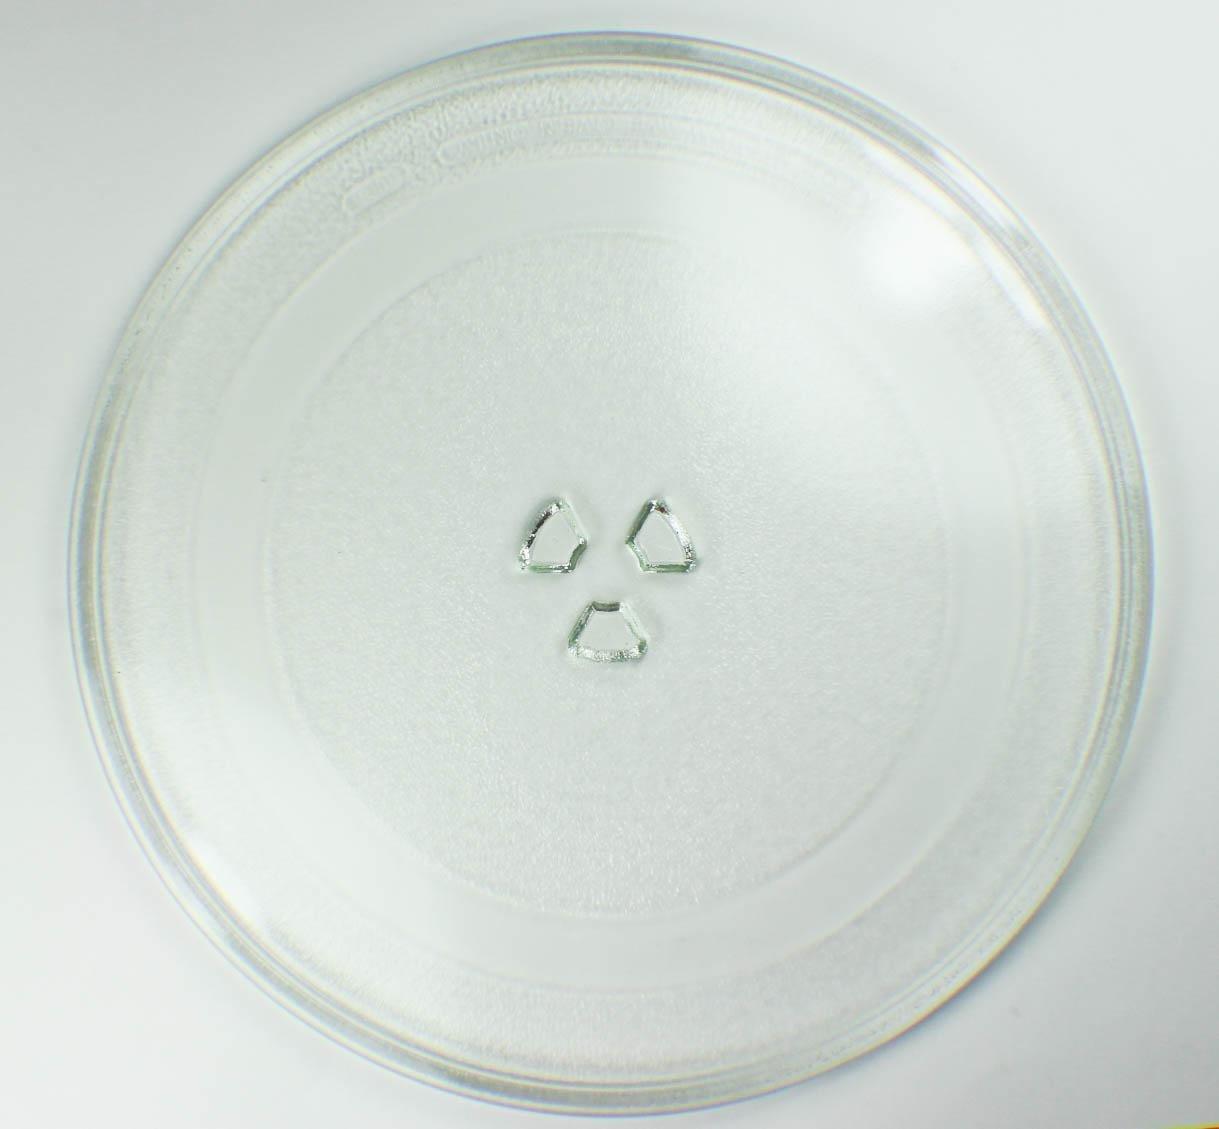 Whirlpool W10337247 Glass Tray